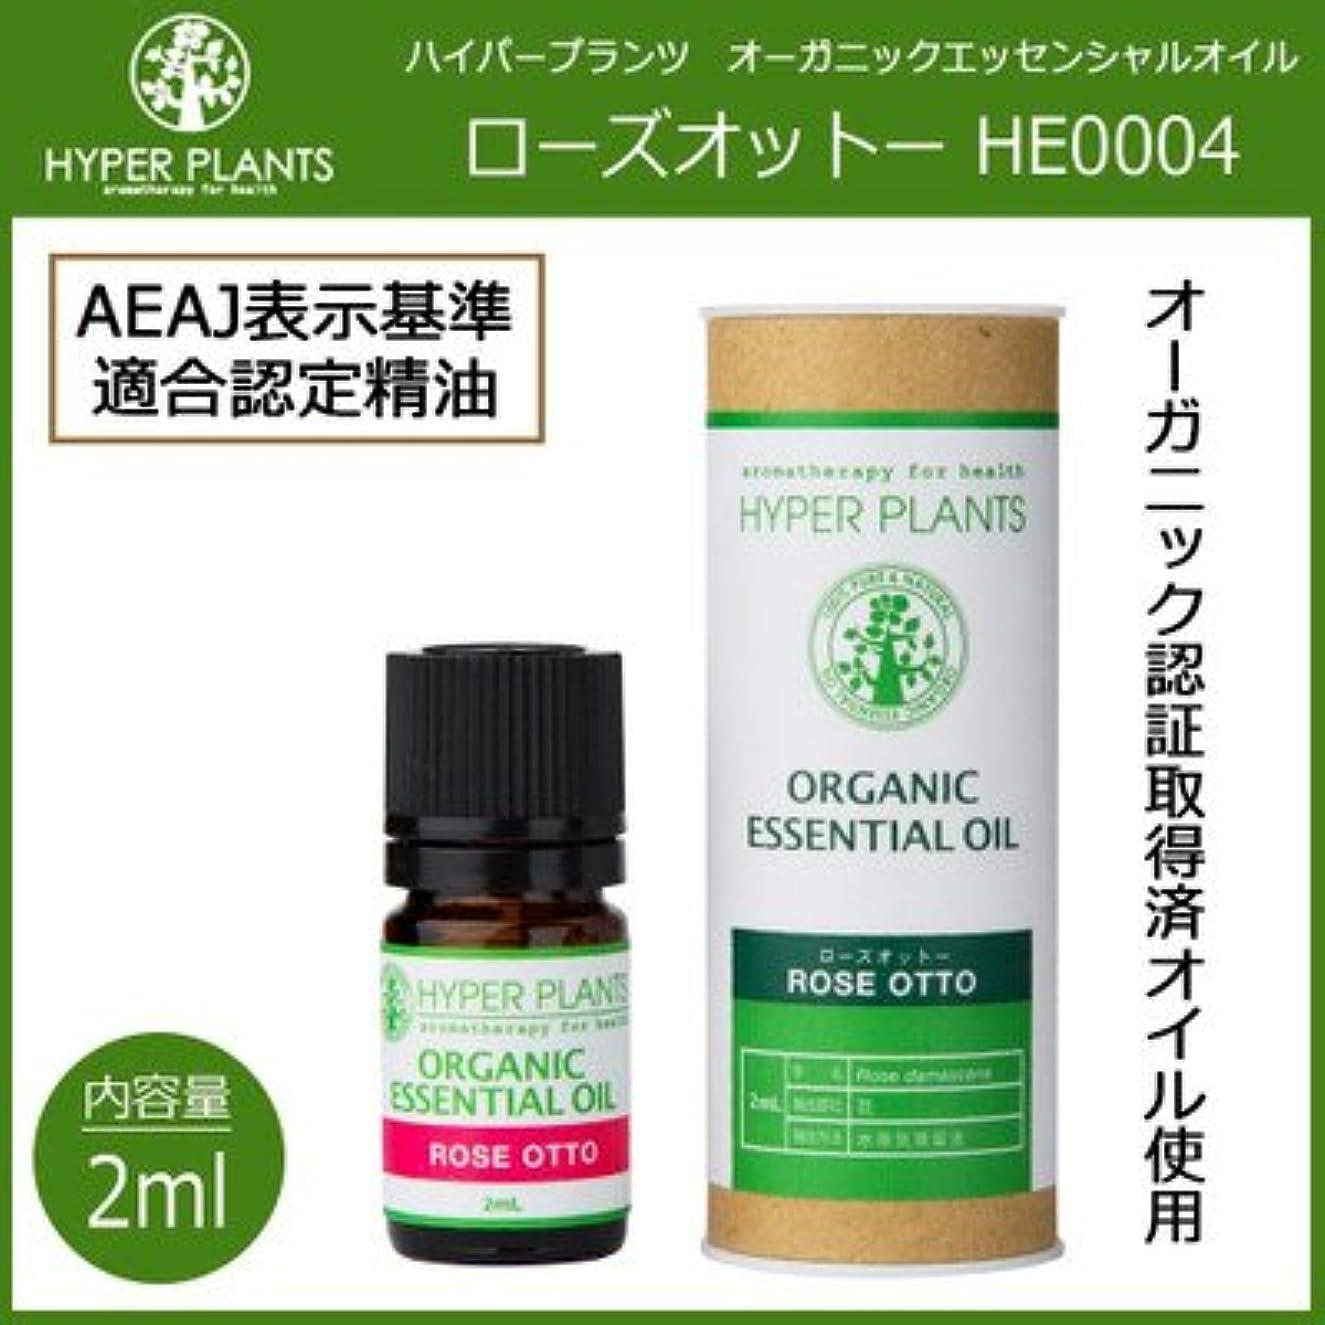 徴収ティーンエイジャー最大の毎日の生活にアロマの香りを HYPER PLANTS ハイパープランツ オーガニックエッセンシャルオイル ローズオットー 2ml HE0004